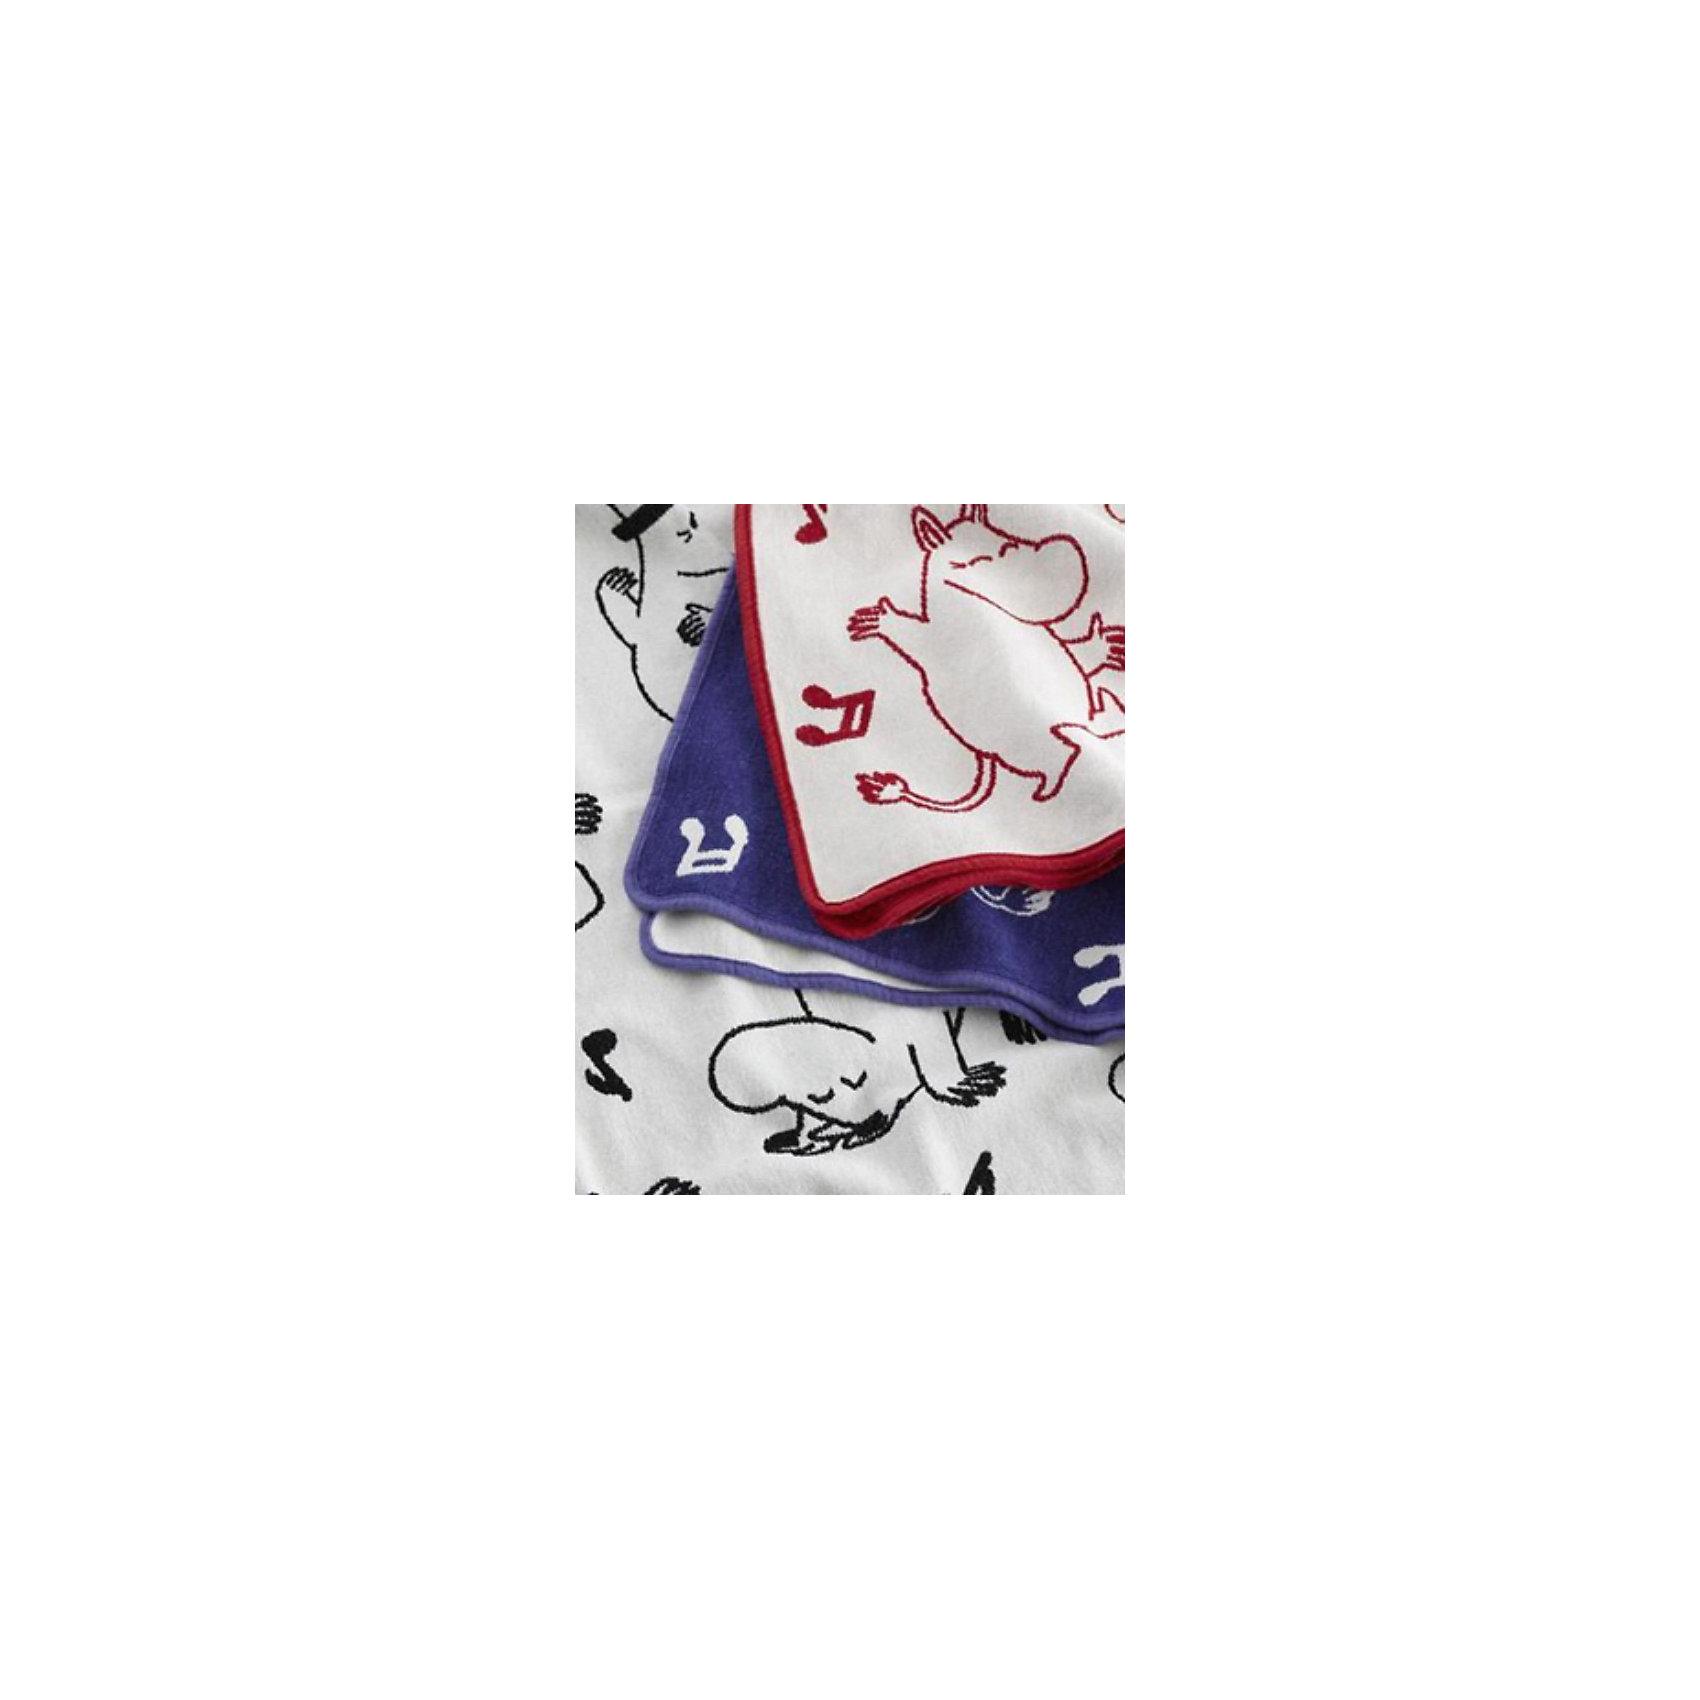 Одеяло-плед из хлопка Муми-тролли 90х140, Klippan, красный/белый